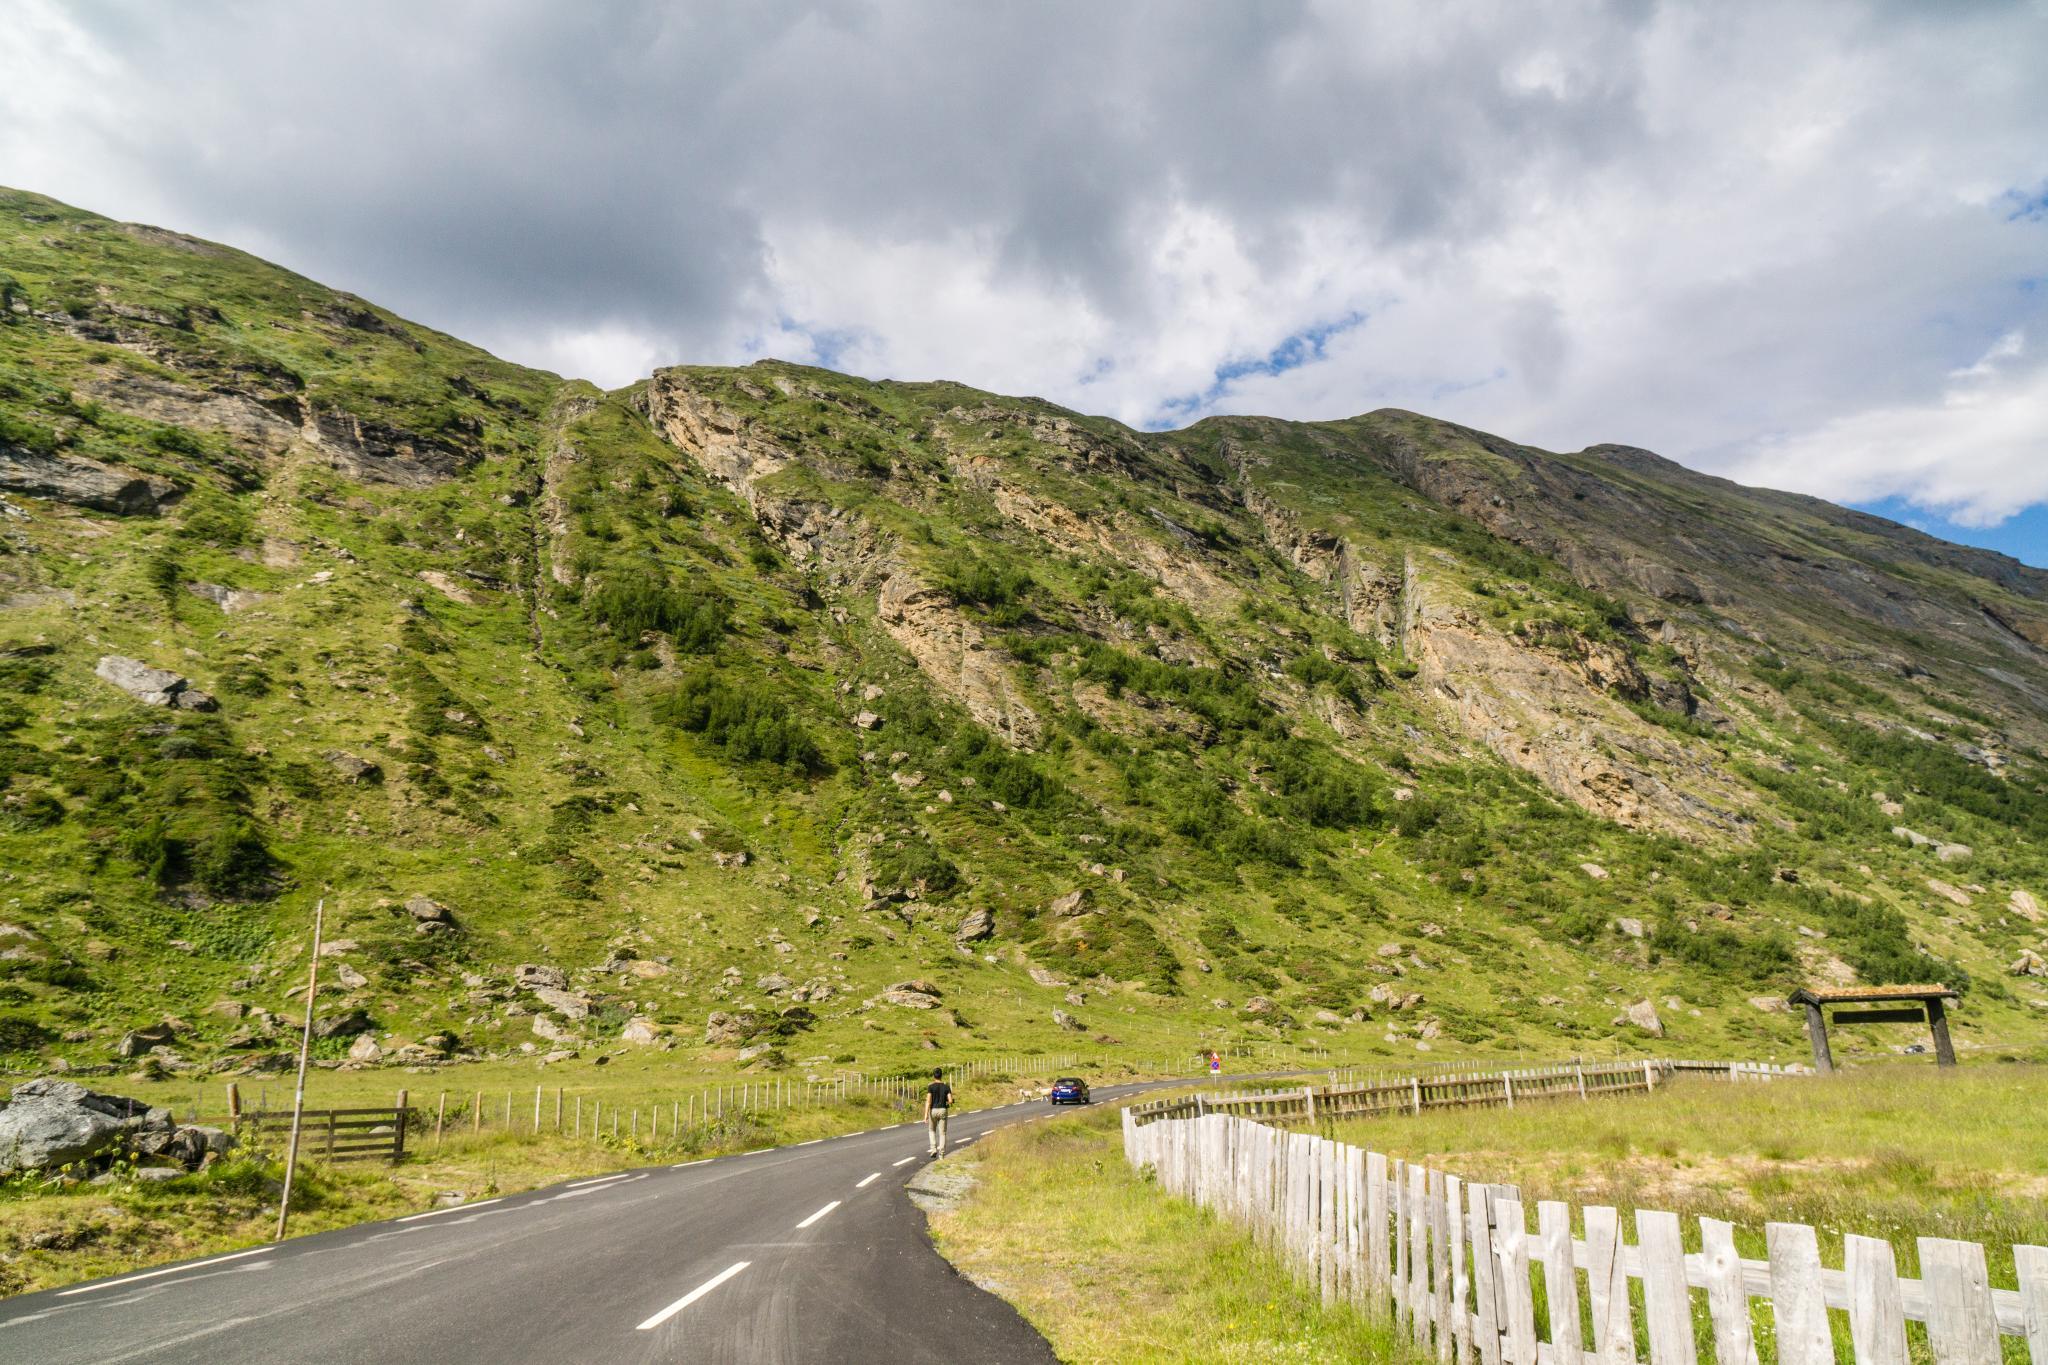 【北歐景點】穿越挪威的屋脊 - 前進北歐最美的冰原景觀公路 Fv55松恩山路 (Sognefjellet) 23